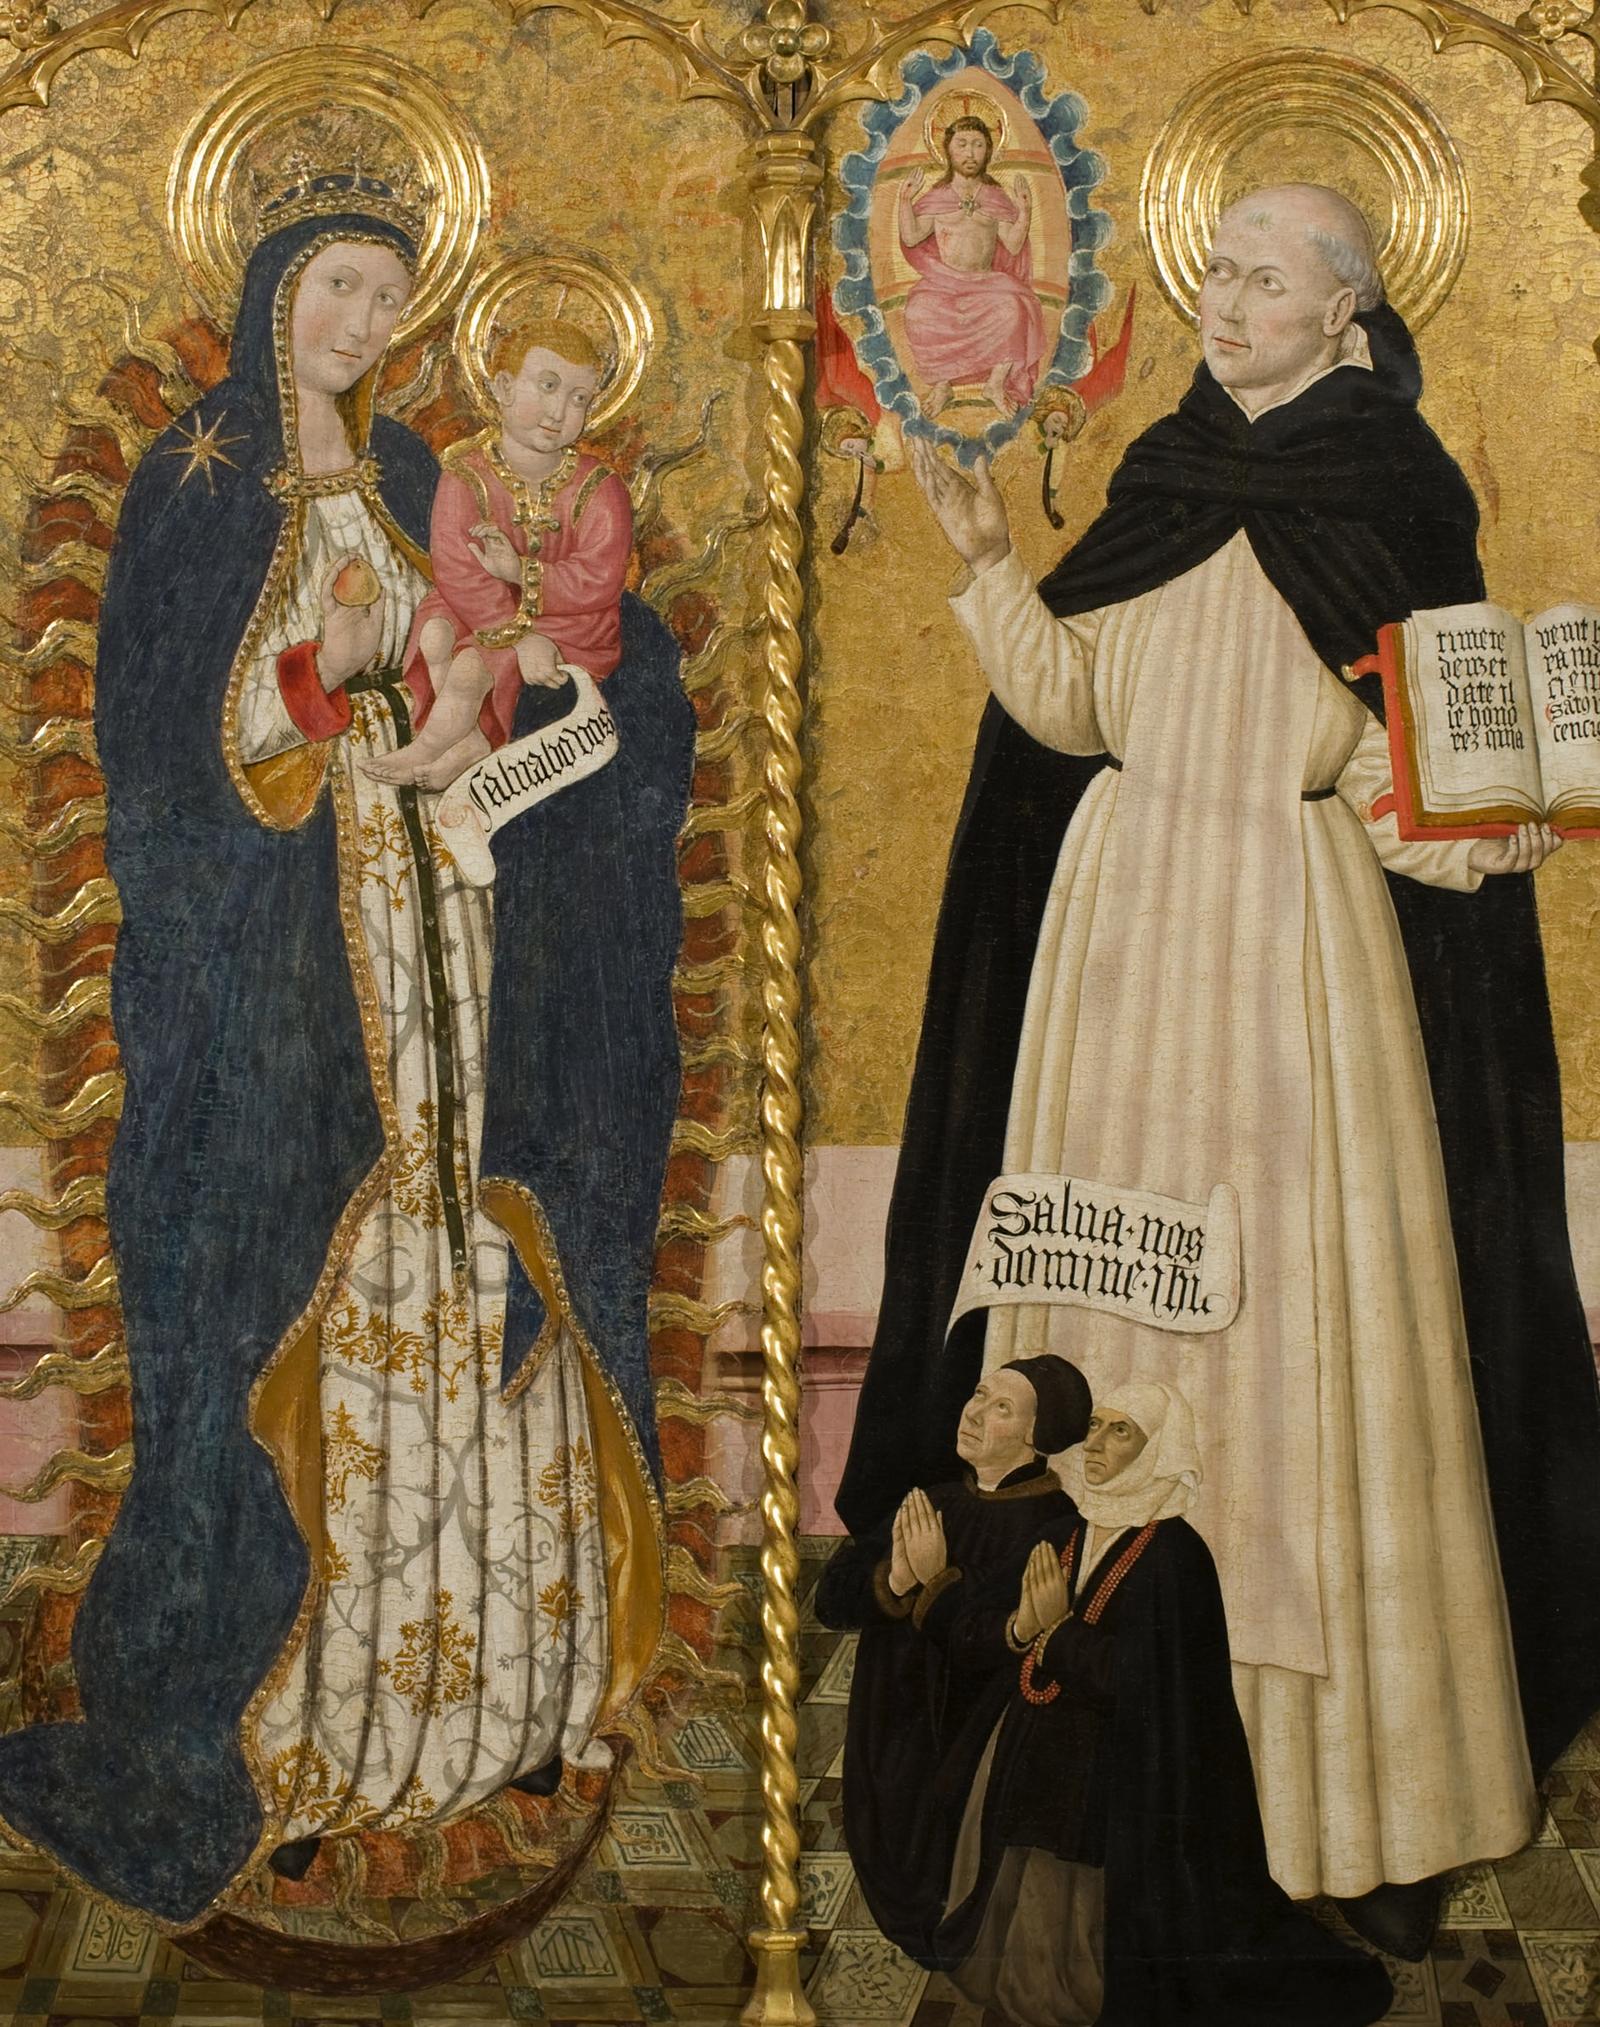 Los Impresionantes Milagros de San Vicente Ferrer